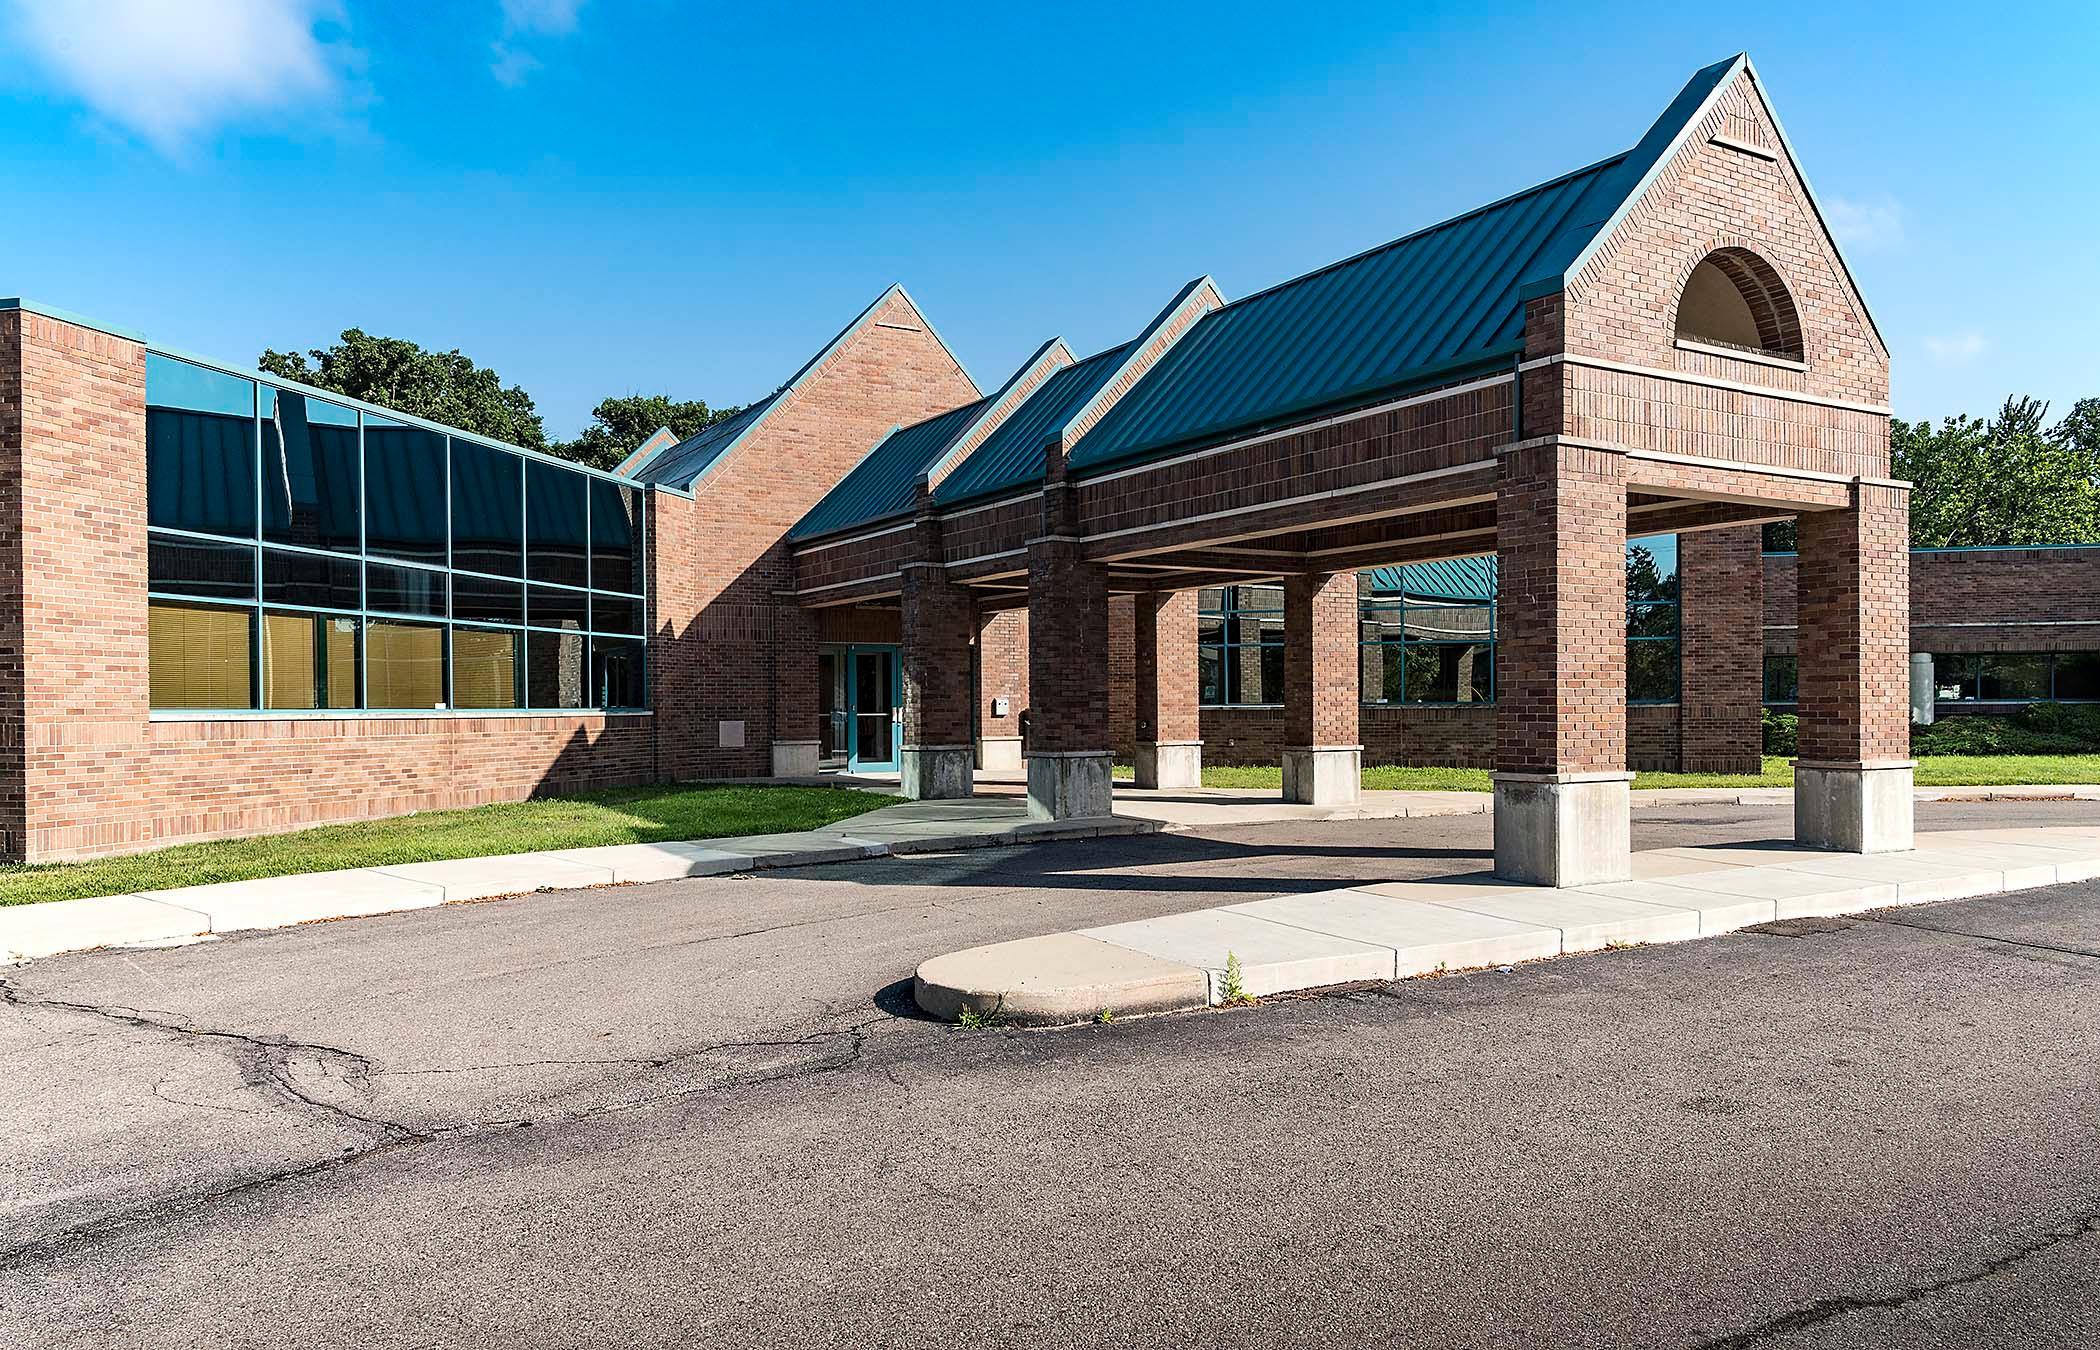 Beaumont Michigan Cardiology Associates - Wayne image 1